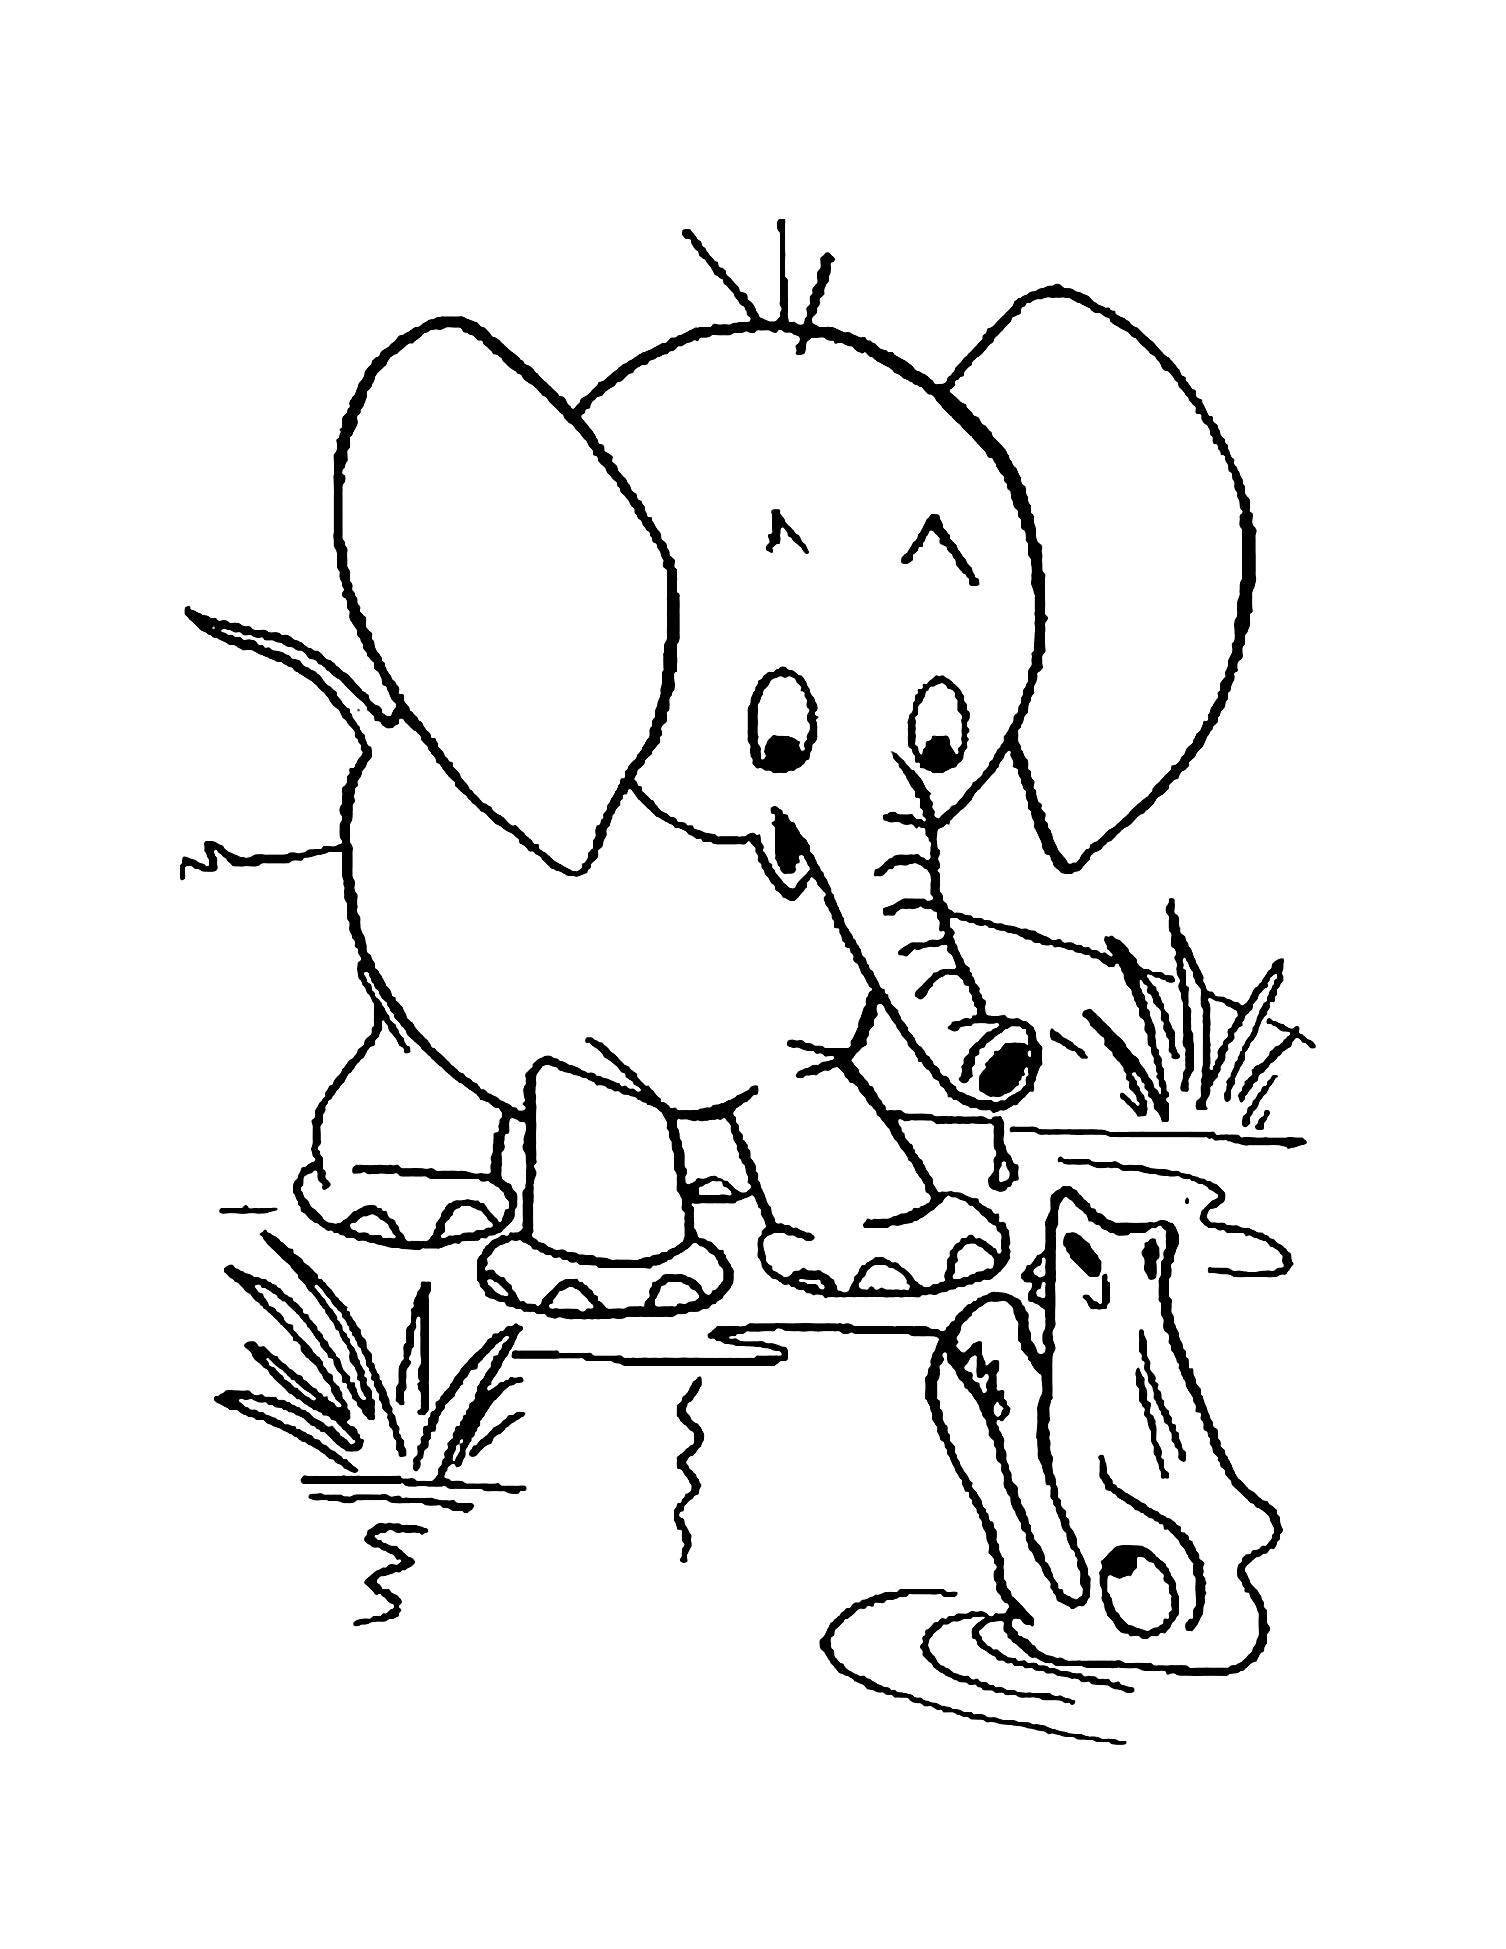 Coloriage d'éléphant à imprimer gratuitement - Coloriage d'éléphants - Coloriages pour enfants